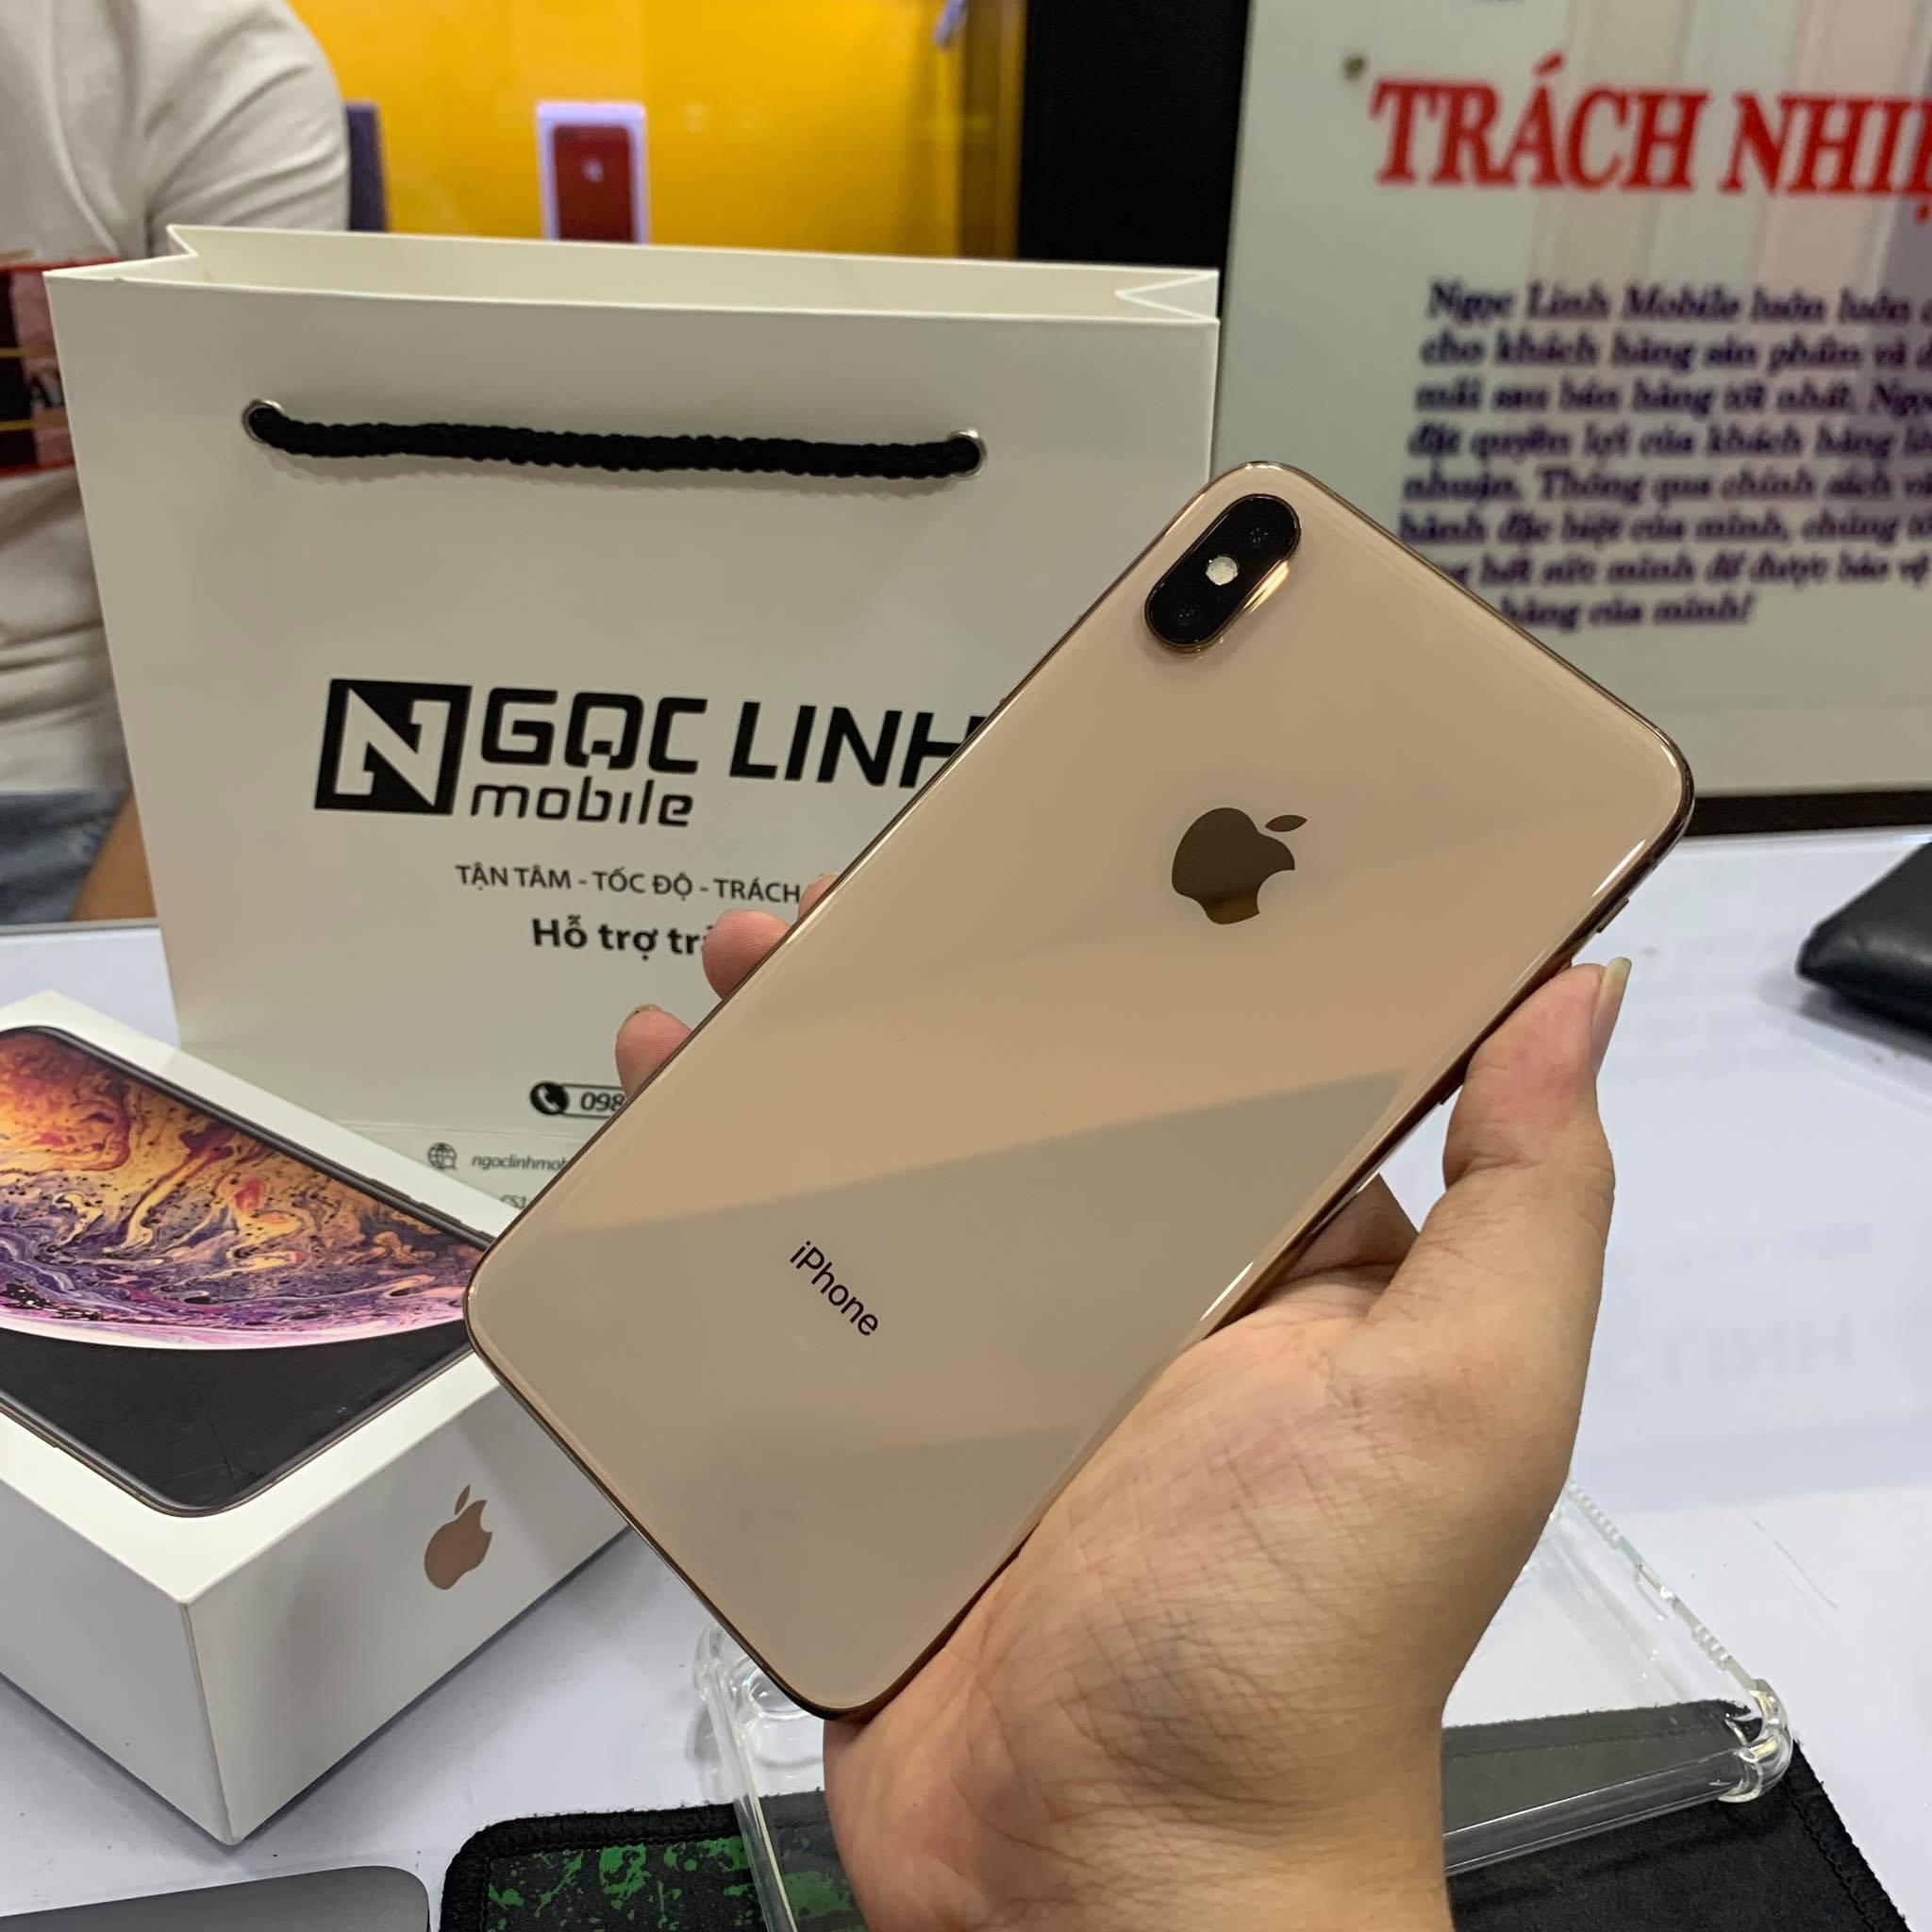 iPhone Xs Max iPhone Xs Max - iPhone Xs Max được bảo hành hãng tại Ngọc Linh Mobile